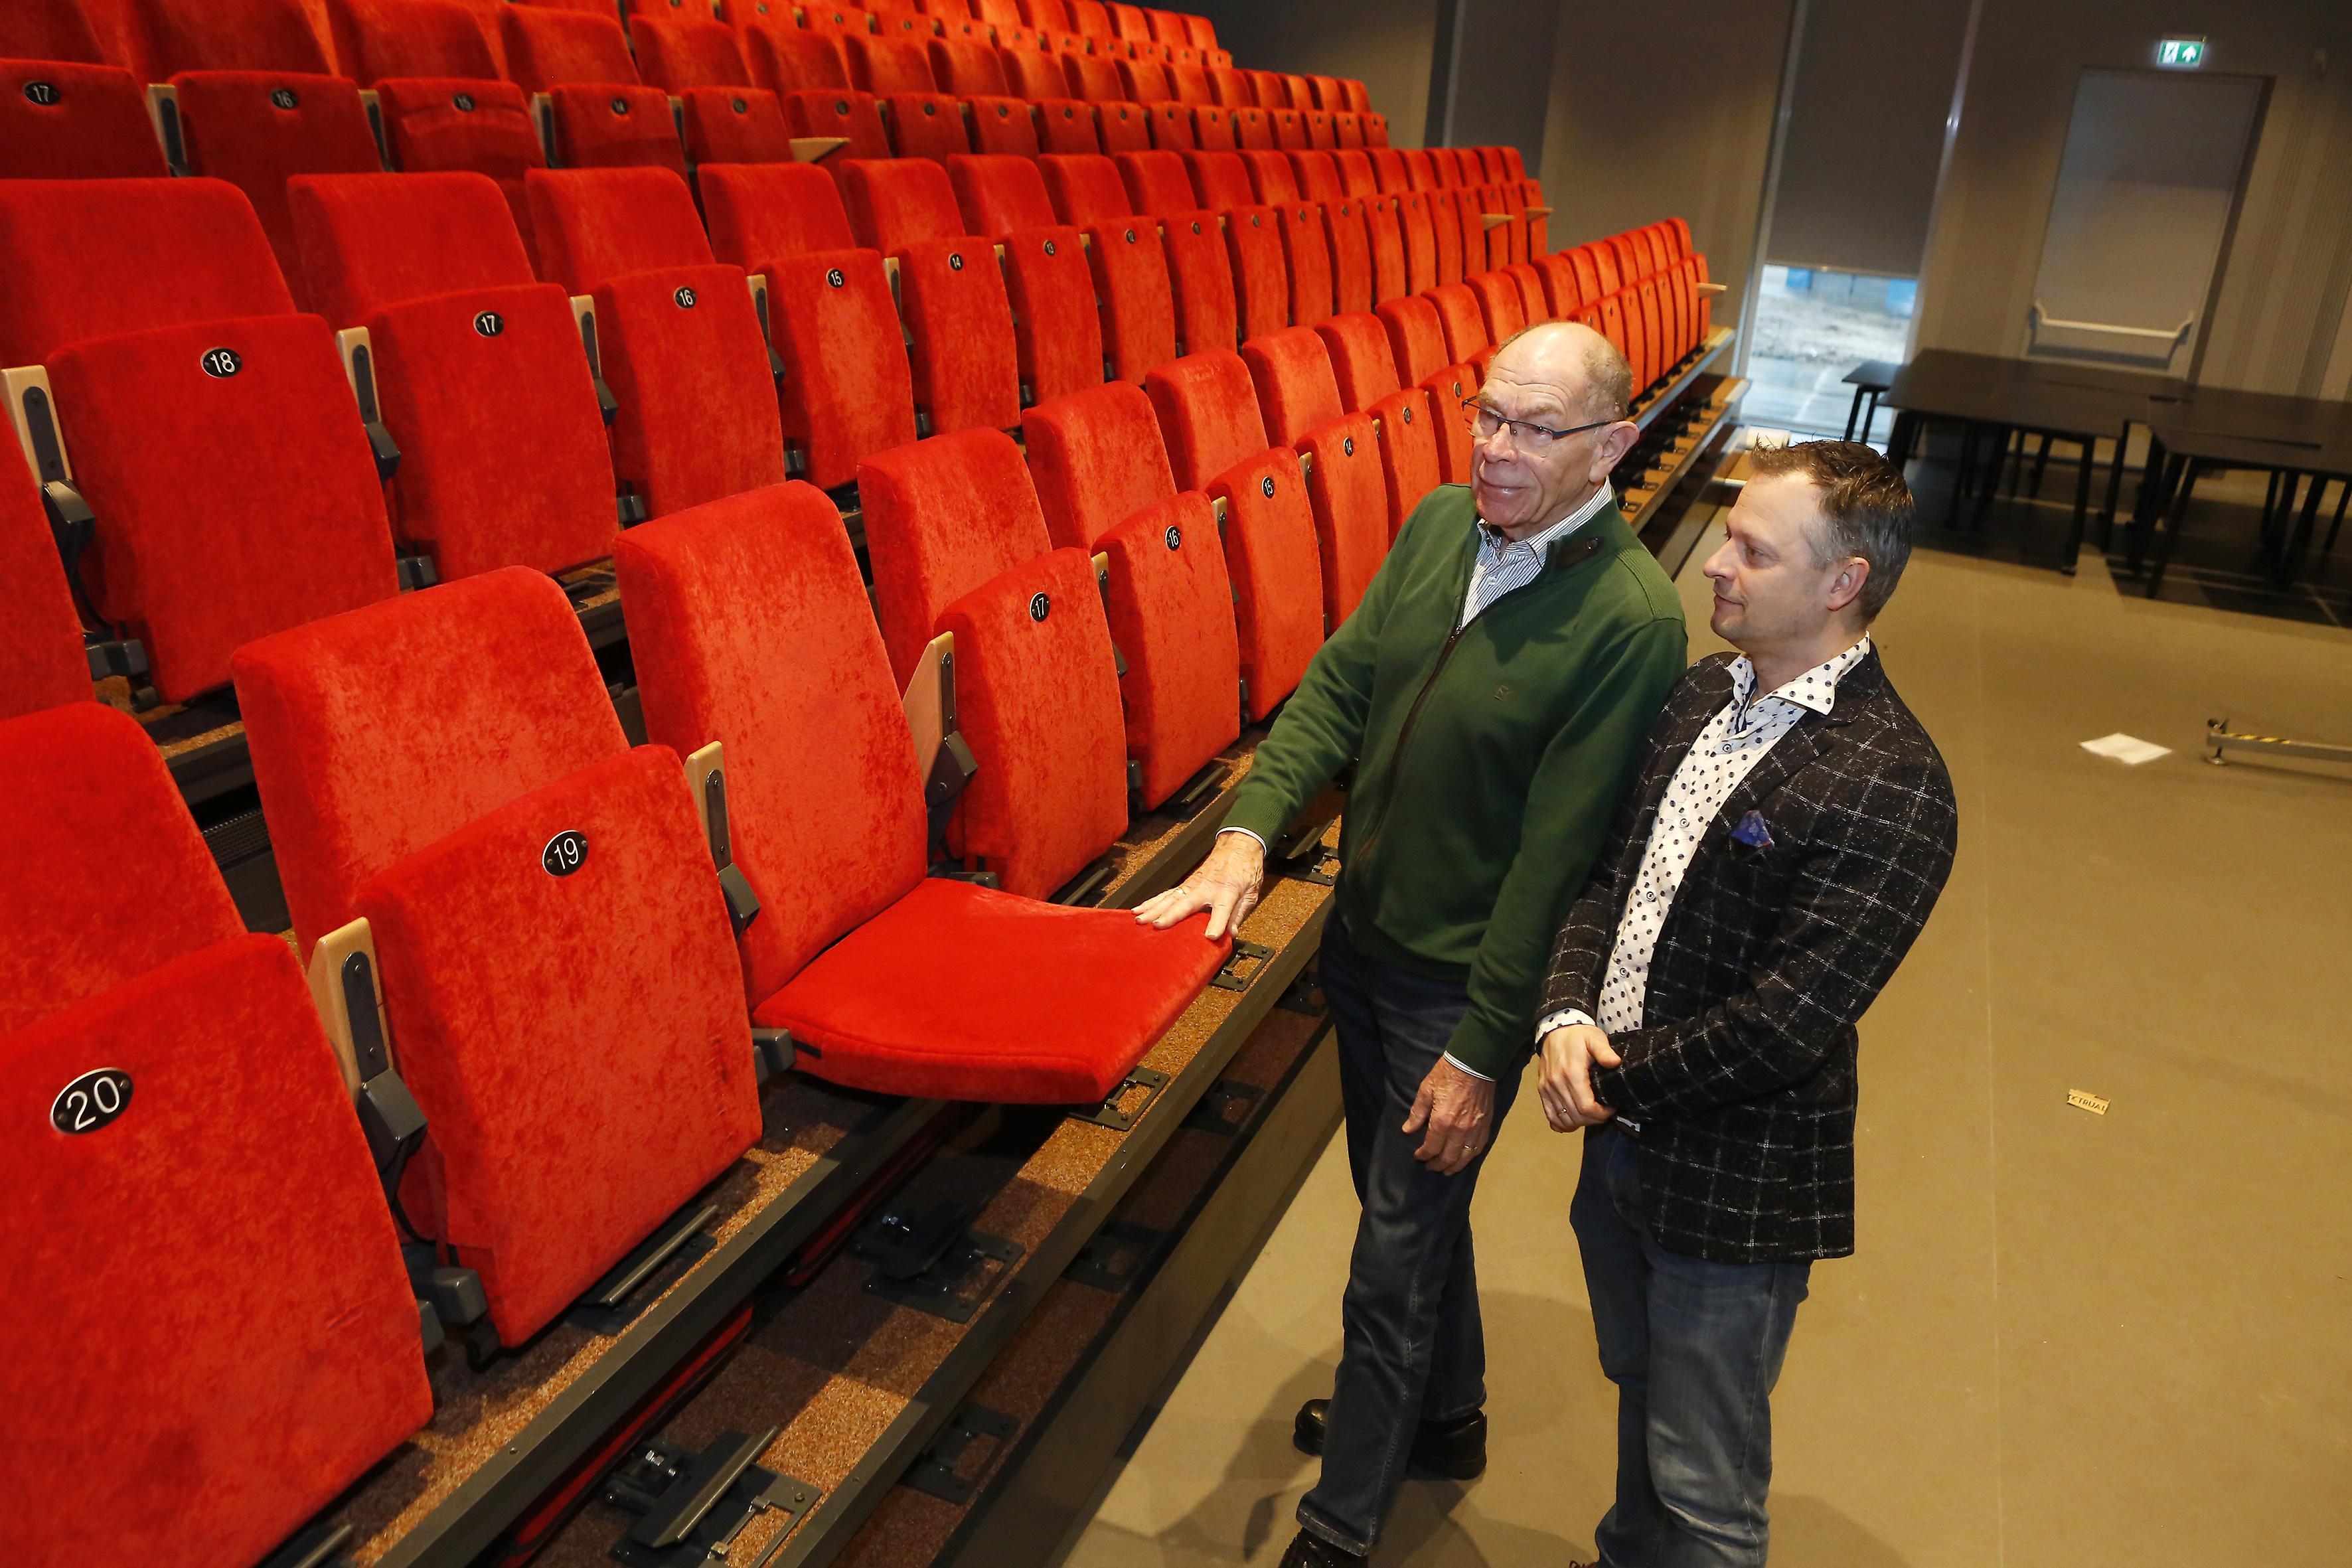 Theater de Speeldoos in Baarn en Huis van Eemnes mogen meer dan dertig bezoekers blijven ontvangen; Ontheffingen voor culturele instellingen in Gooi en Vechtstreek nog niet bekend